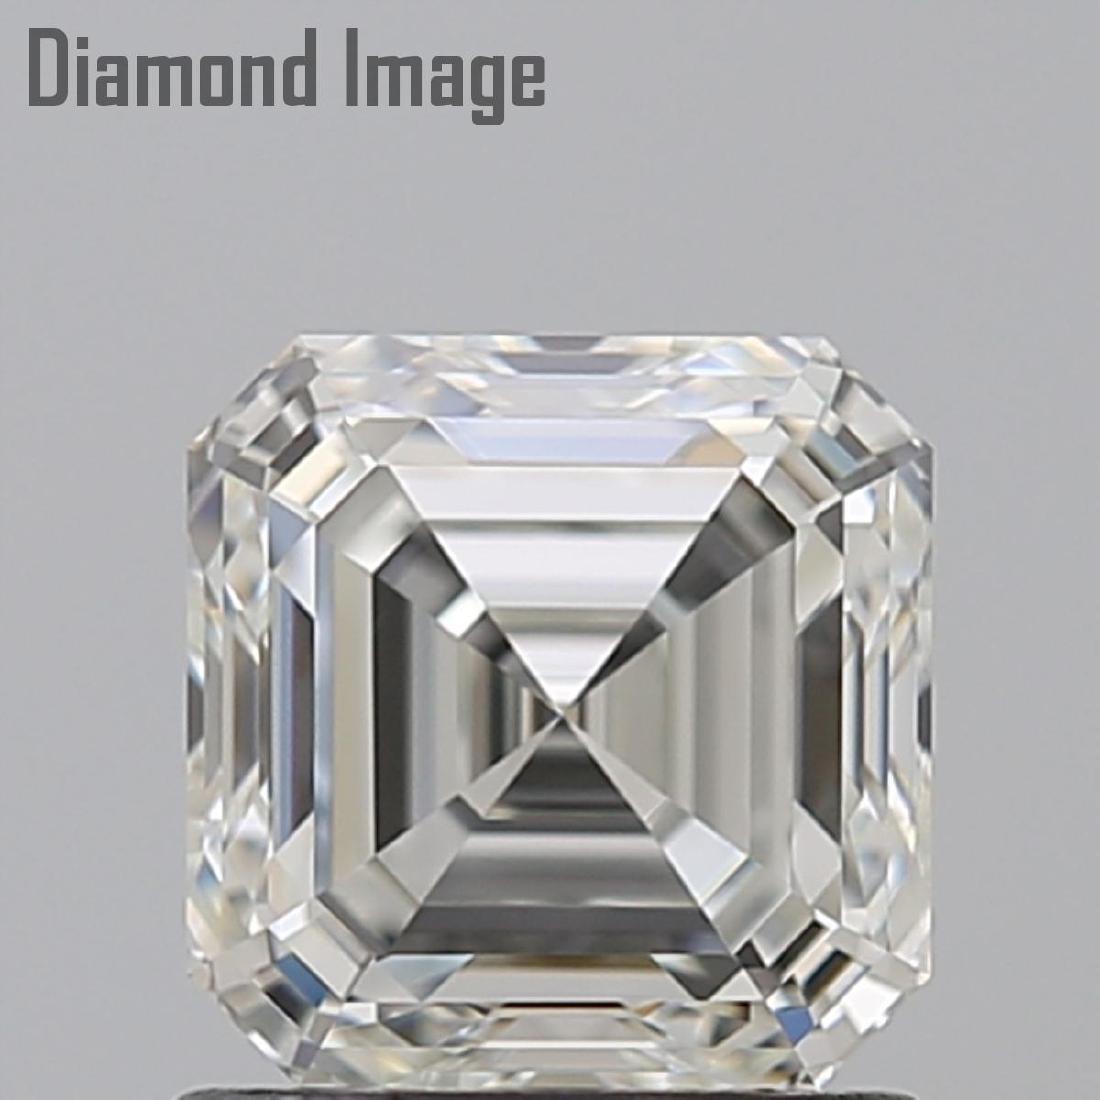 1.02 ct, Color I/VVS2, Sq. Emerald cut Diamond - 2